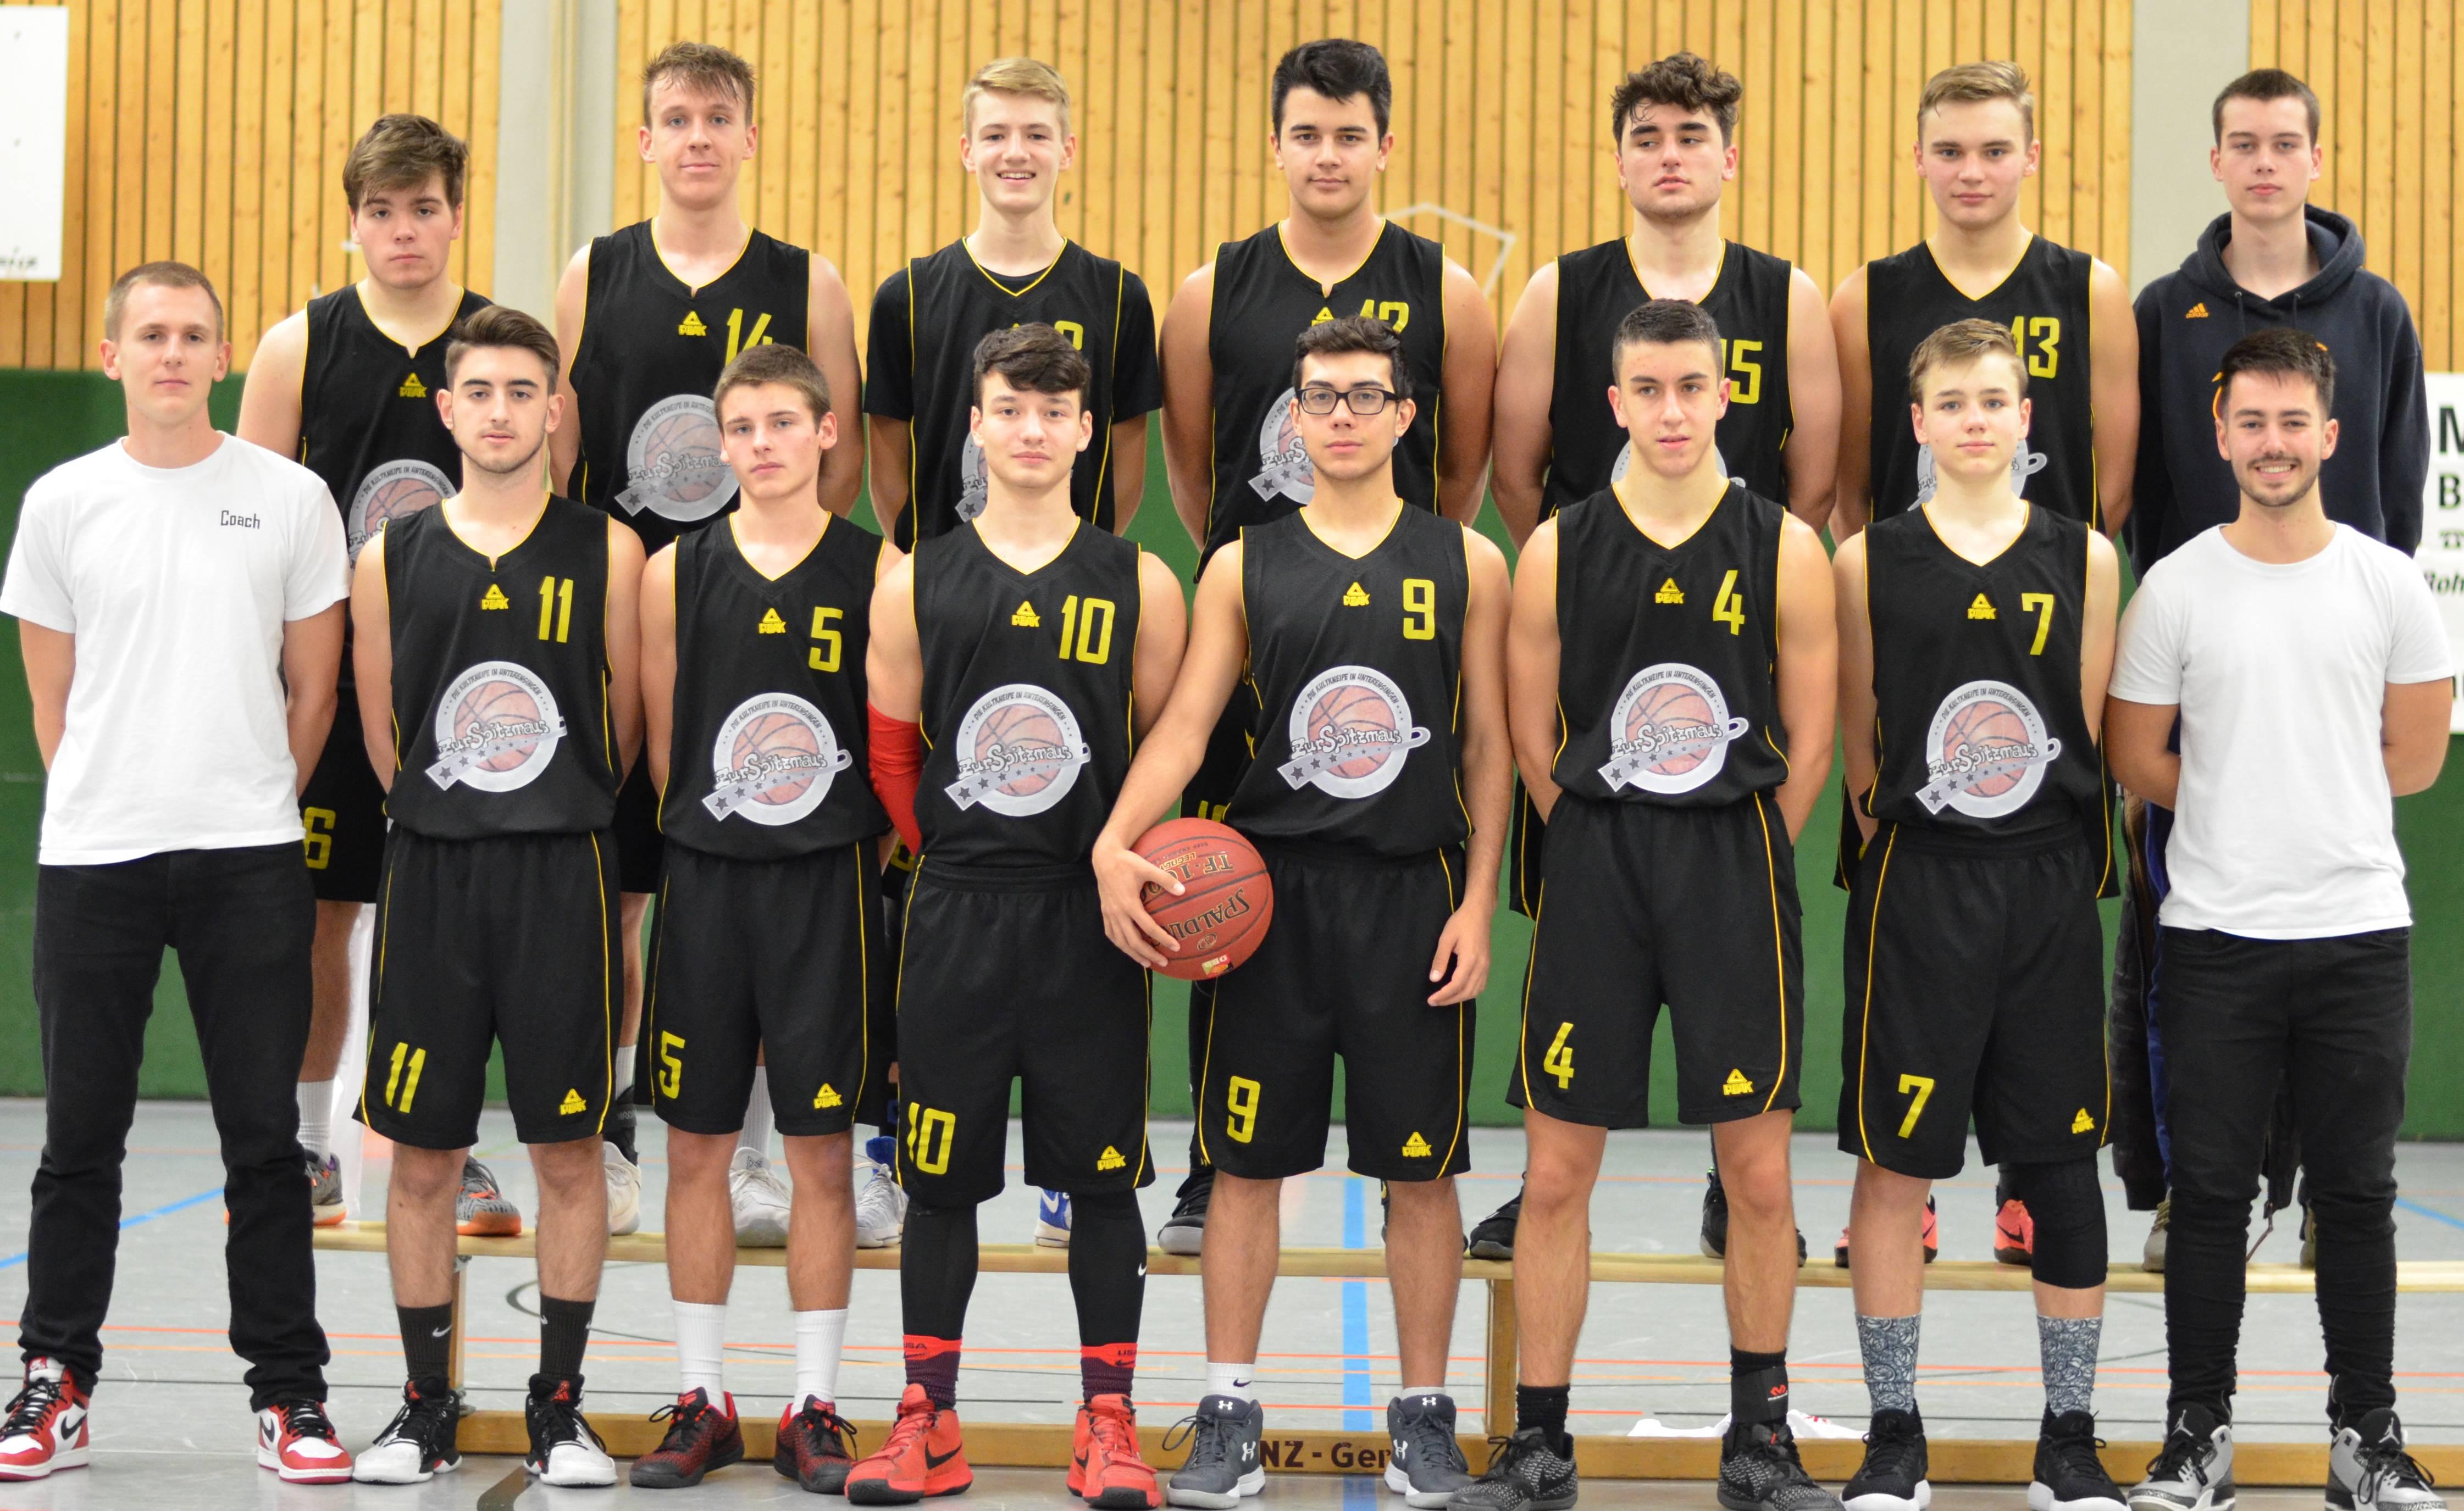 TG Nürtingen Basketball